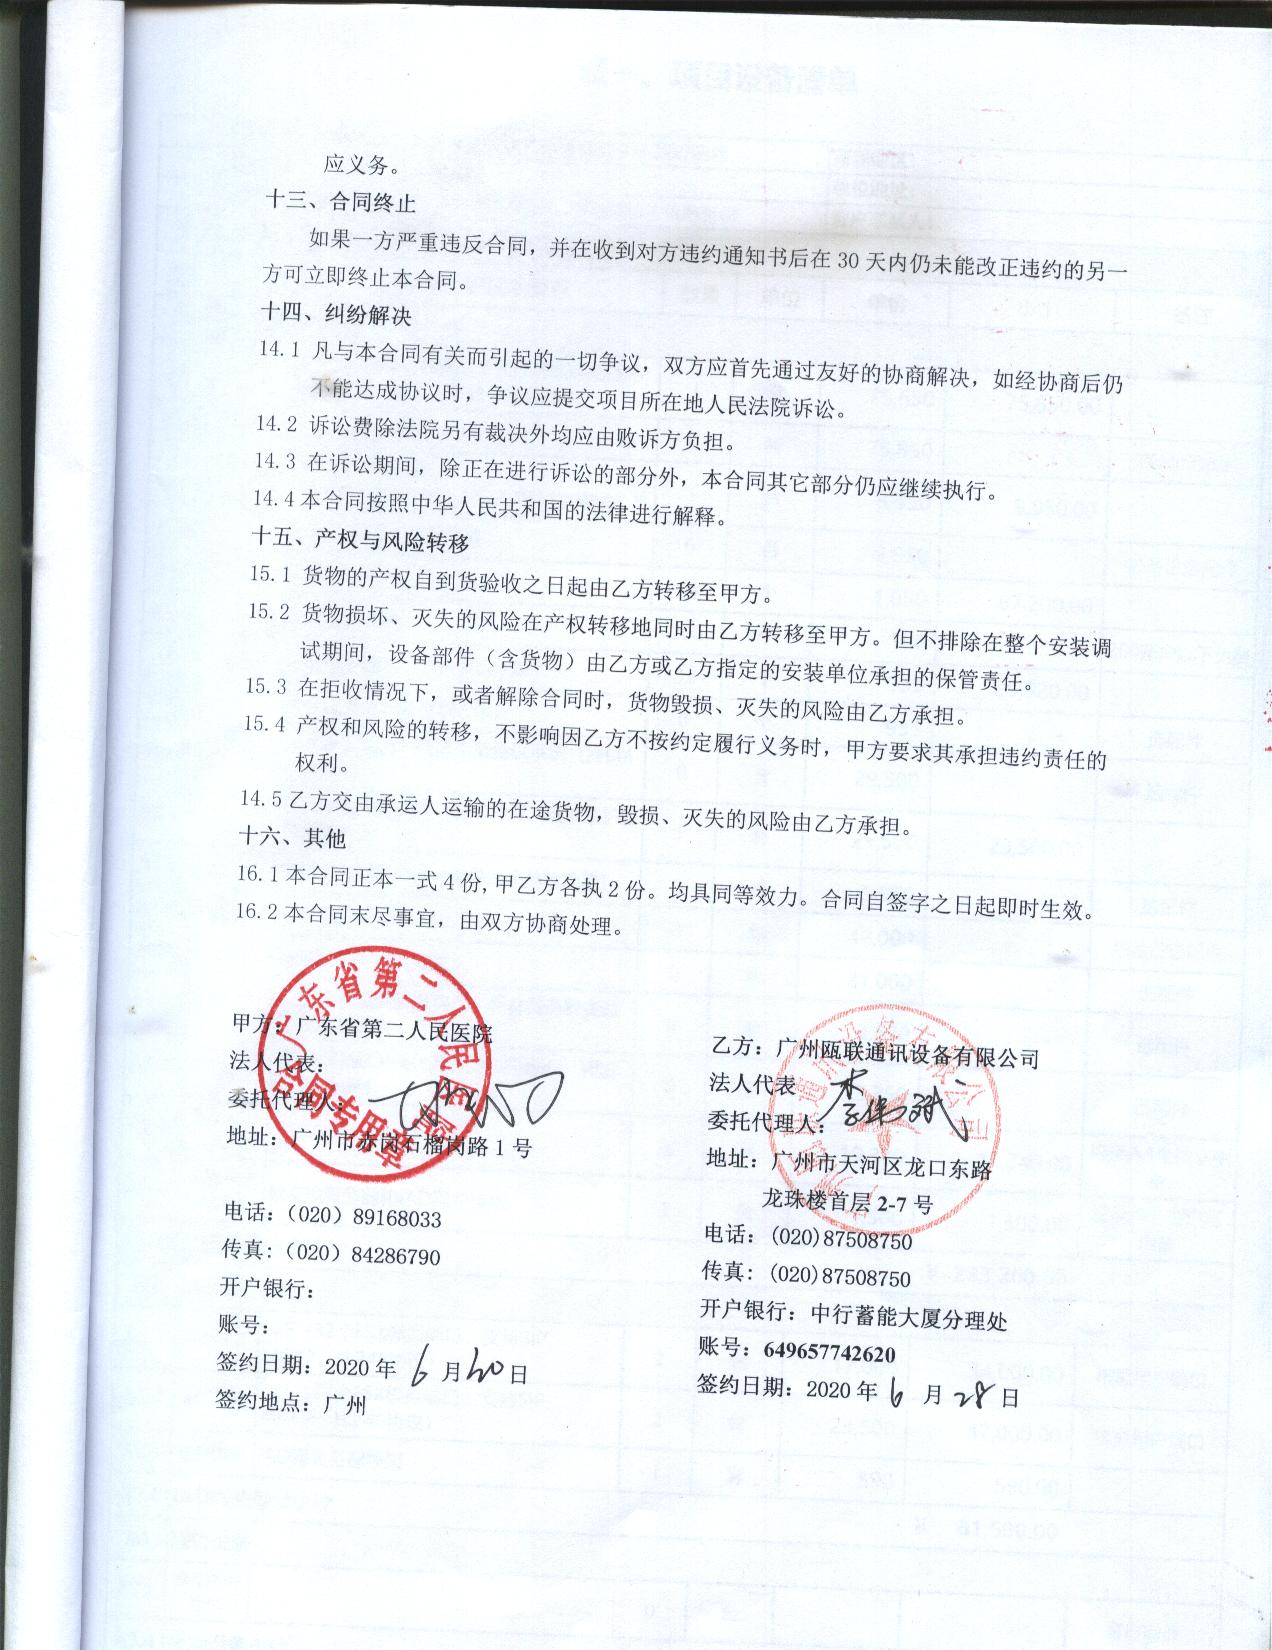 广东省第二人民医院程控电话交换机项目